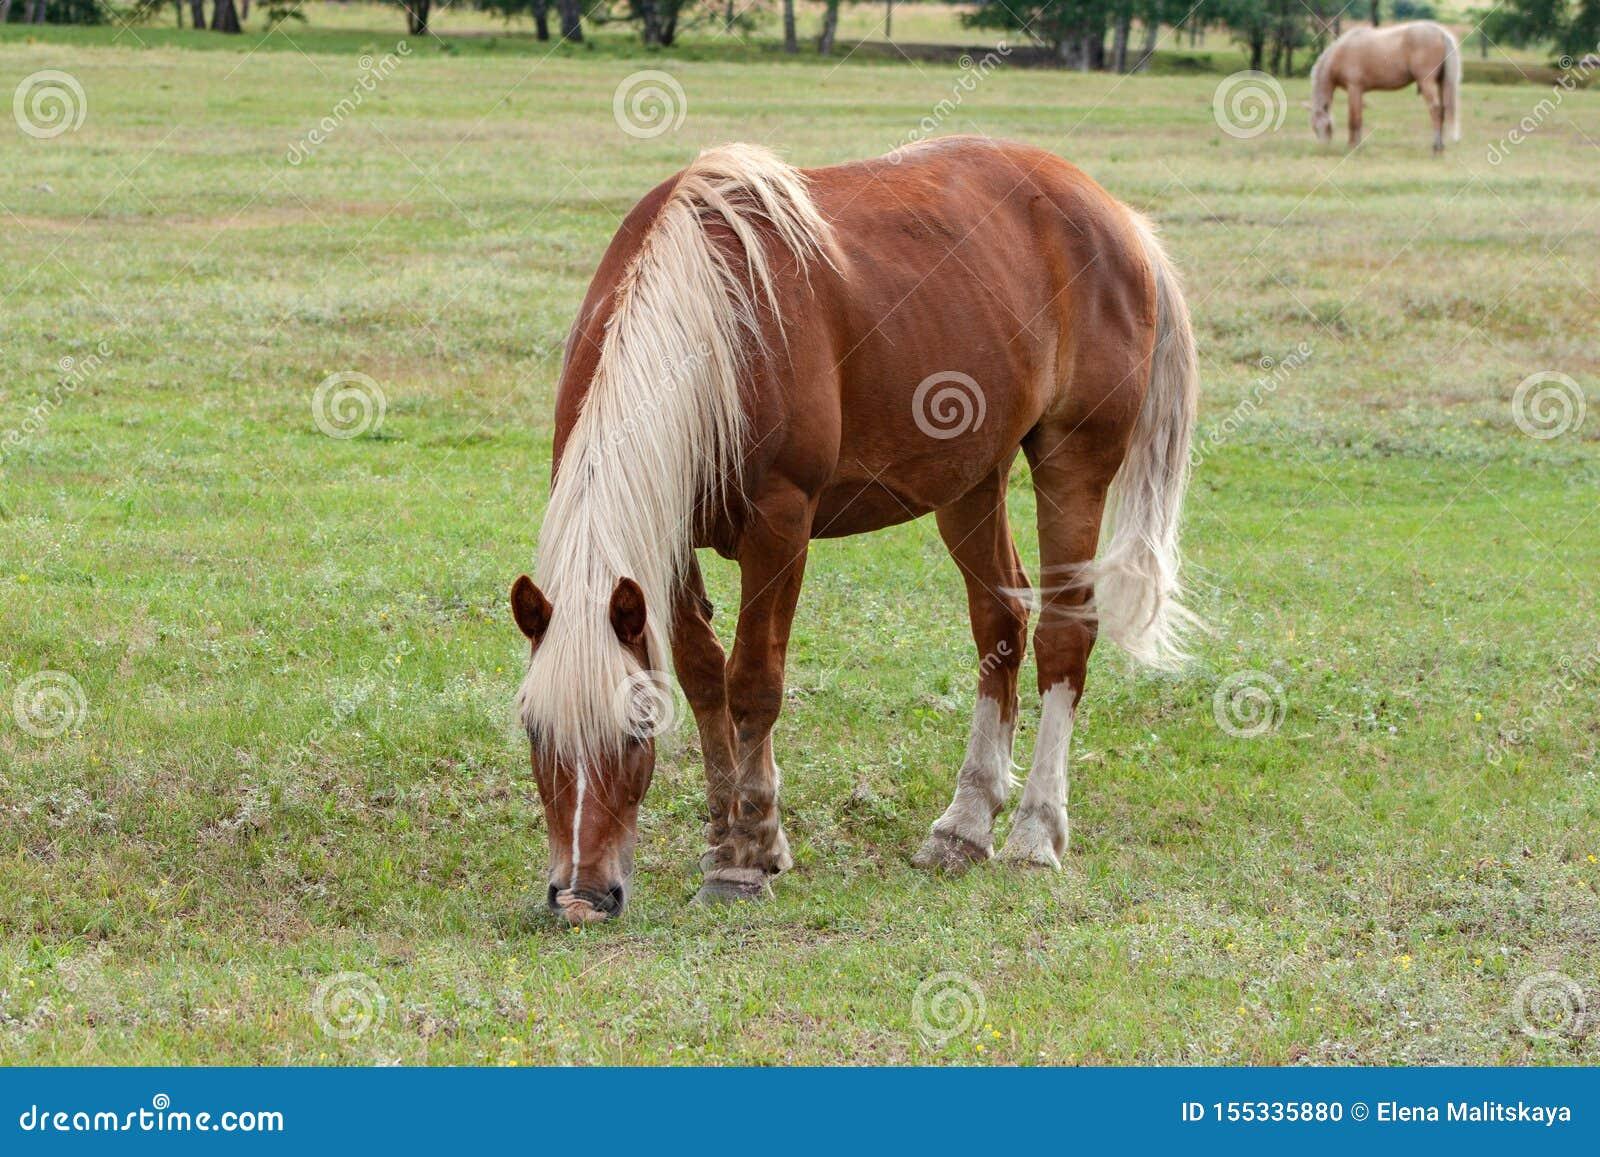 Le beau cheval brun avec une crinière et une queue blanches sur un pâturage grignote herbe verte fraîche Ranch, été